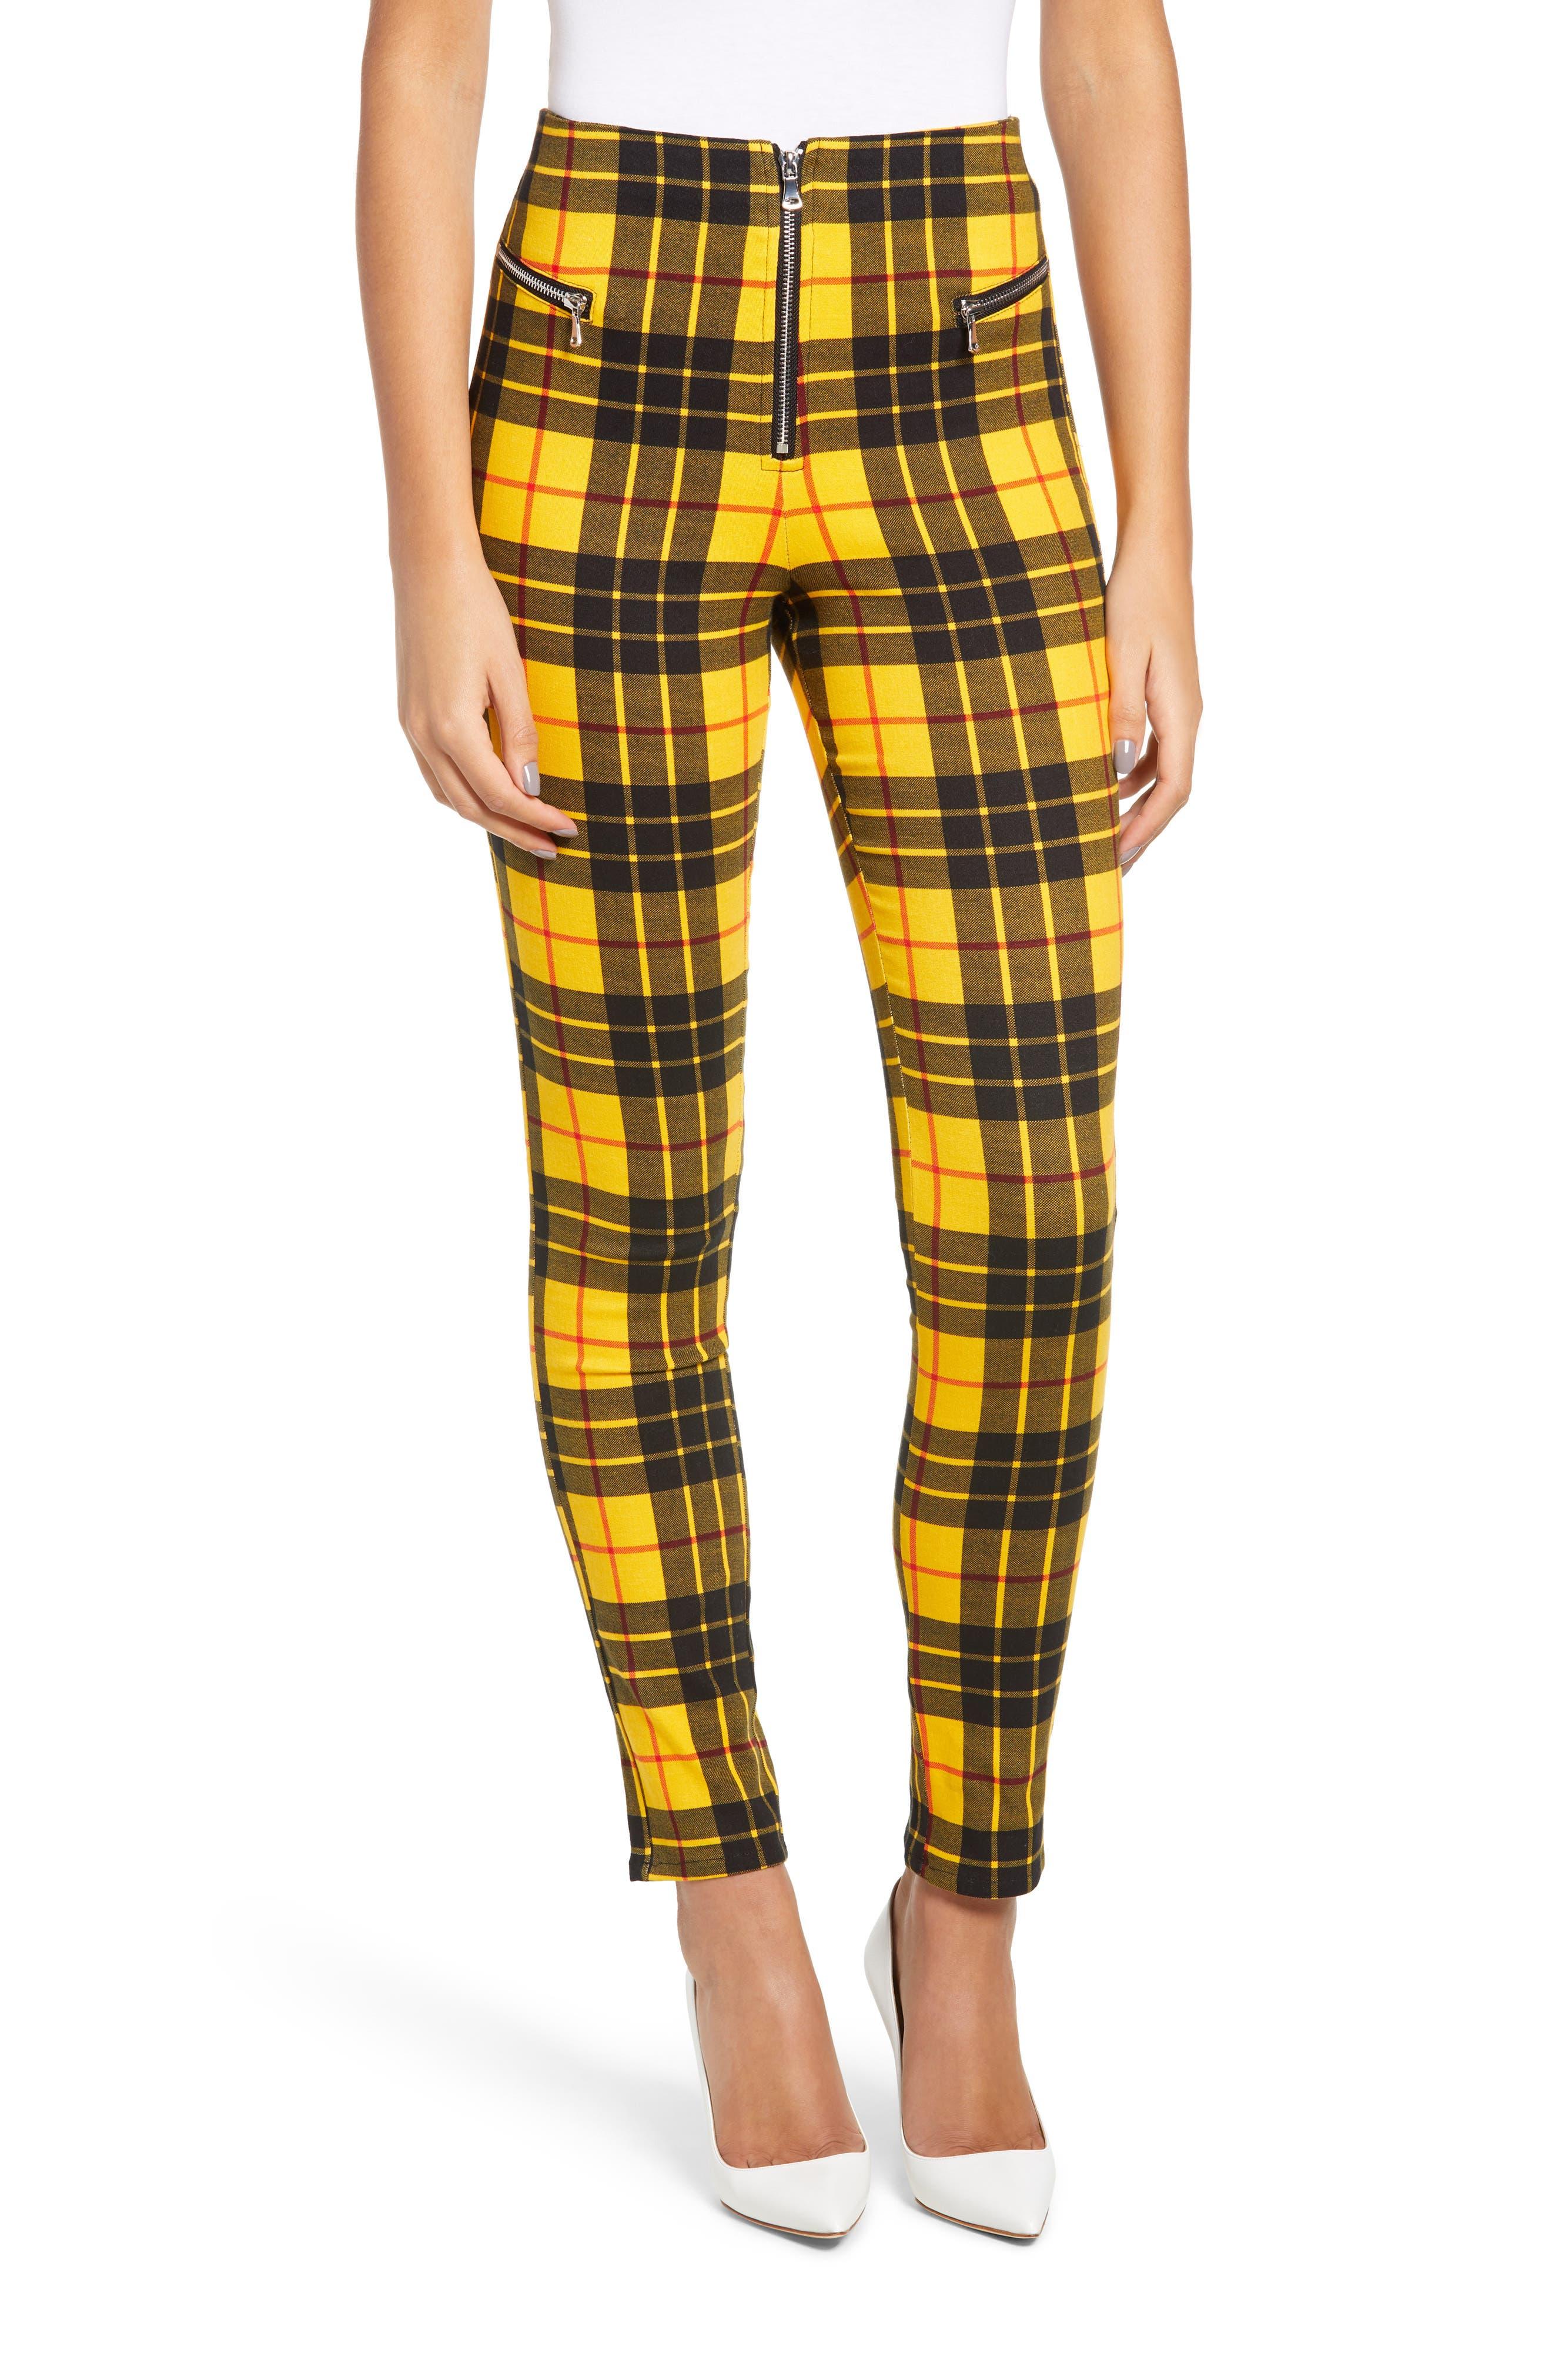 c6d7f67e67f31 Women's Yellow Pants Nordstrom Leggings amp; F1HBxwqfF